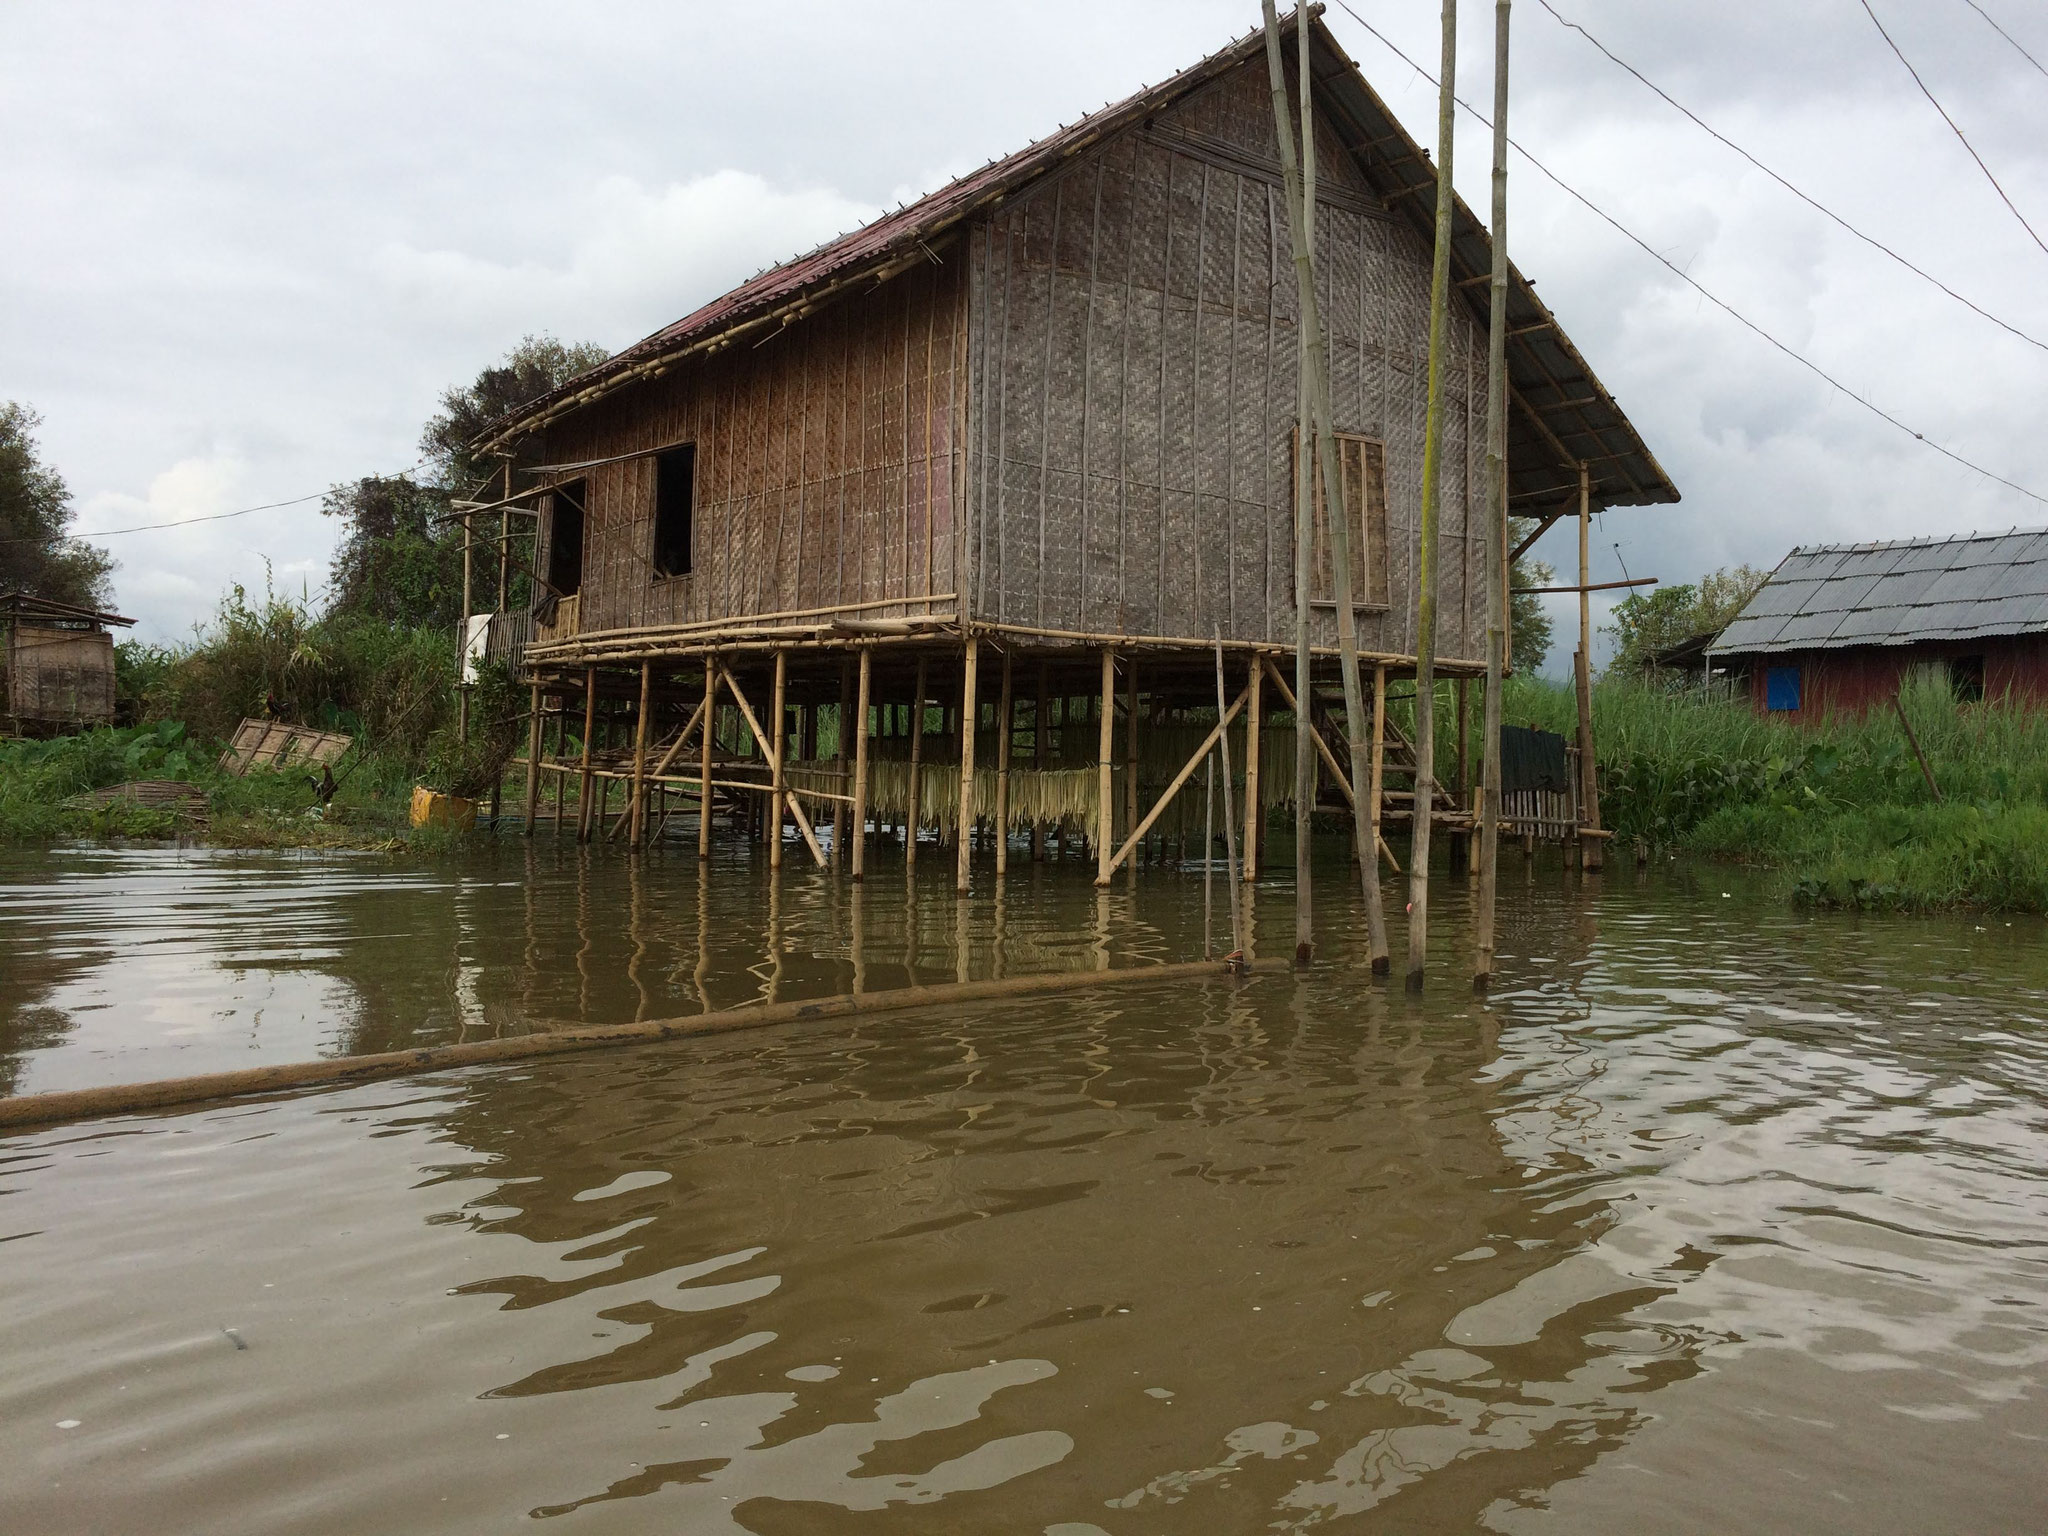 Aber auch die vielen Häuser bzw. Dörfer auf Stelzen zu sehen ist beeindruckend